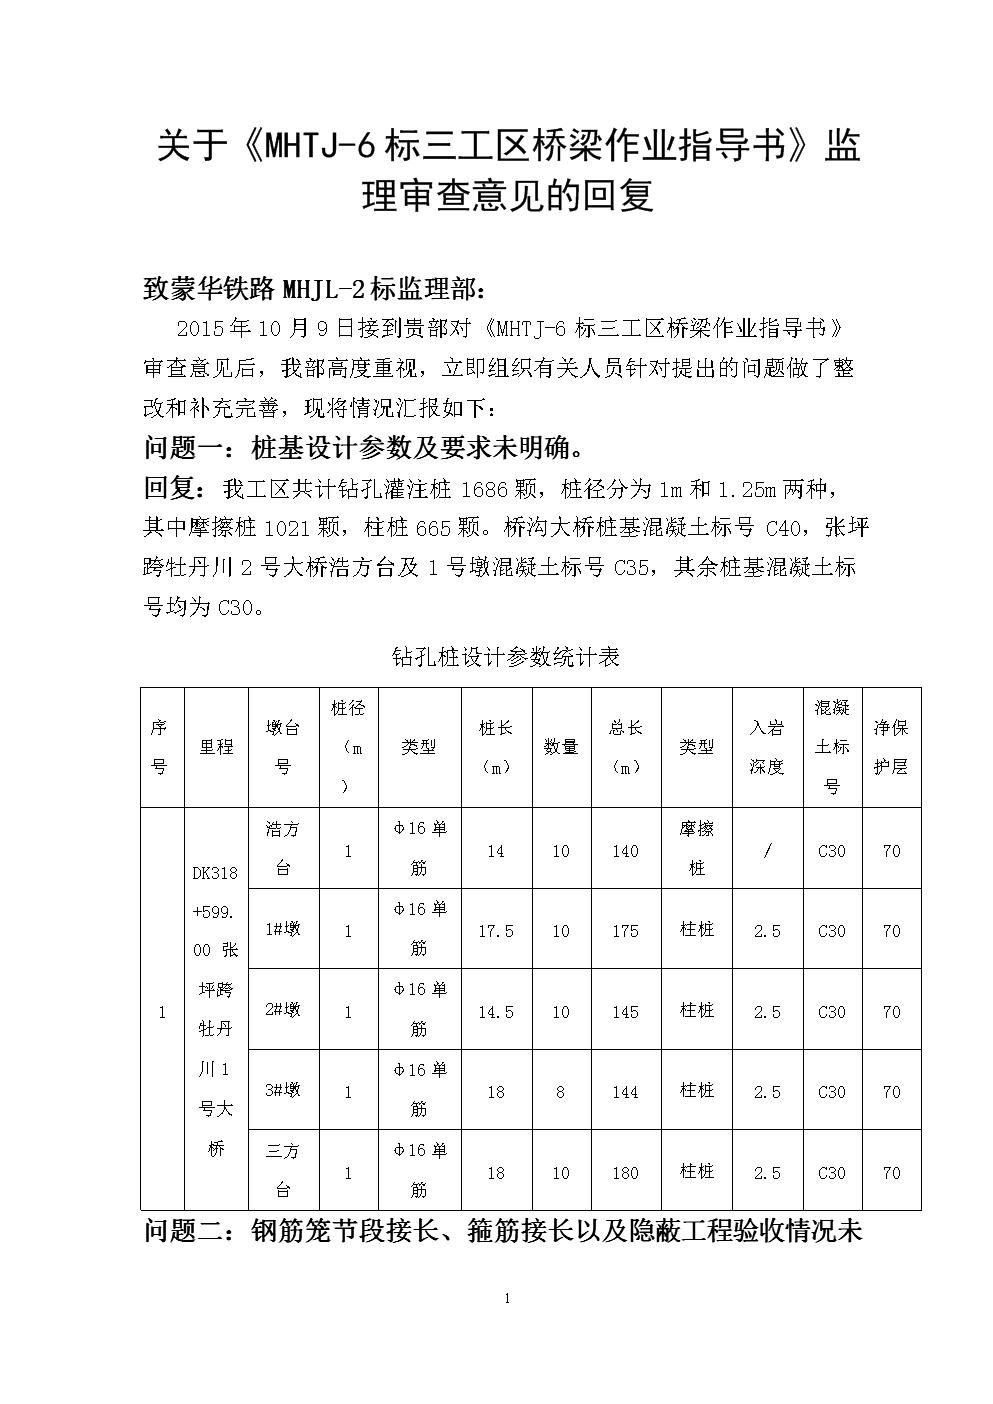 作业指导书审批意见修改回复.doc